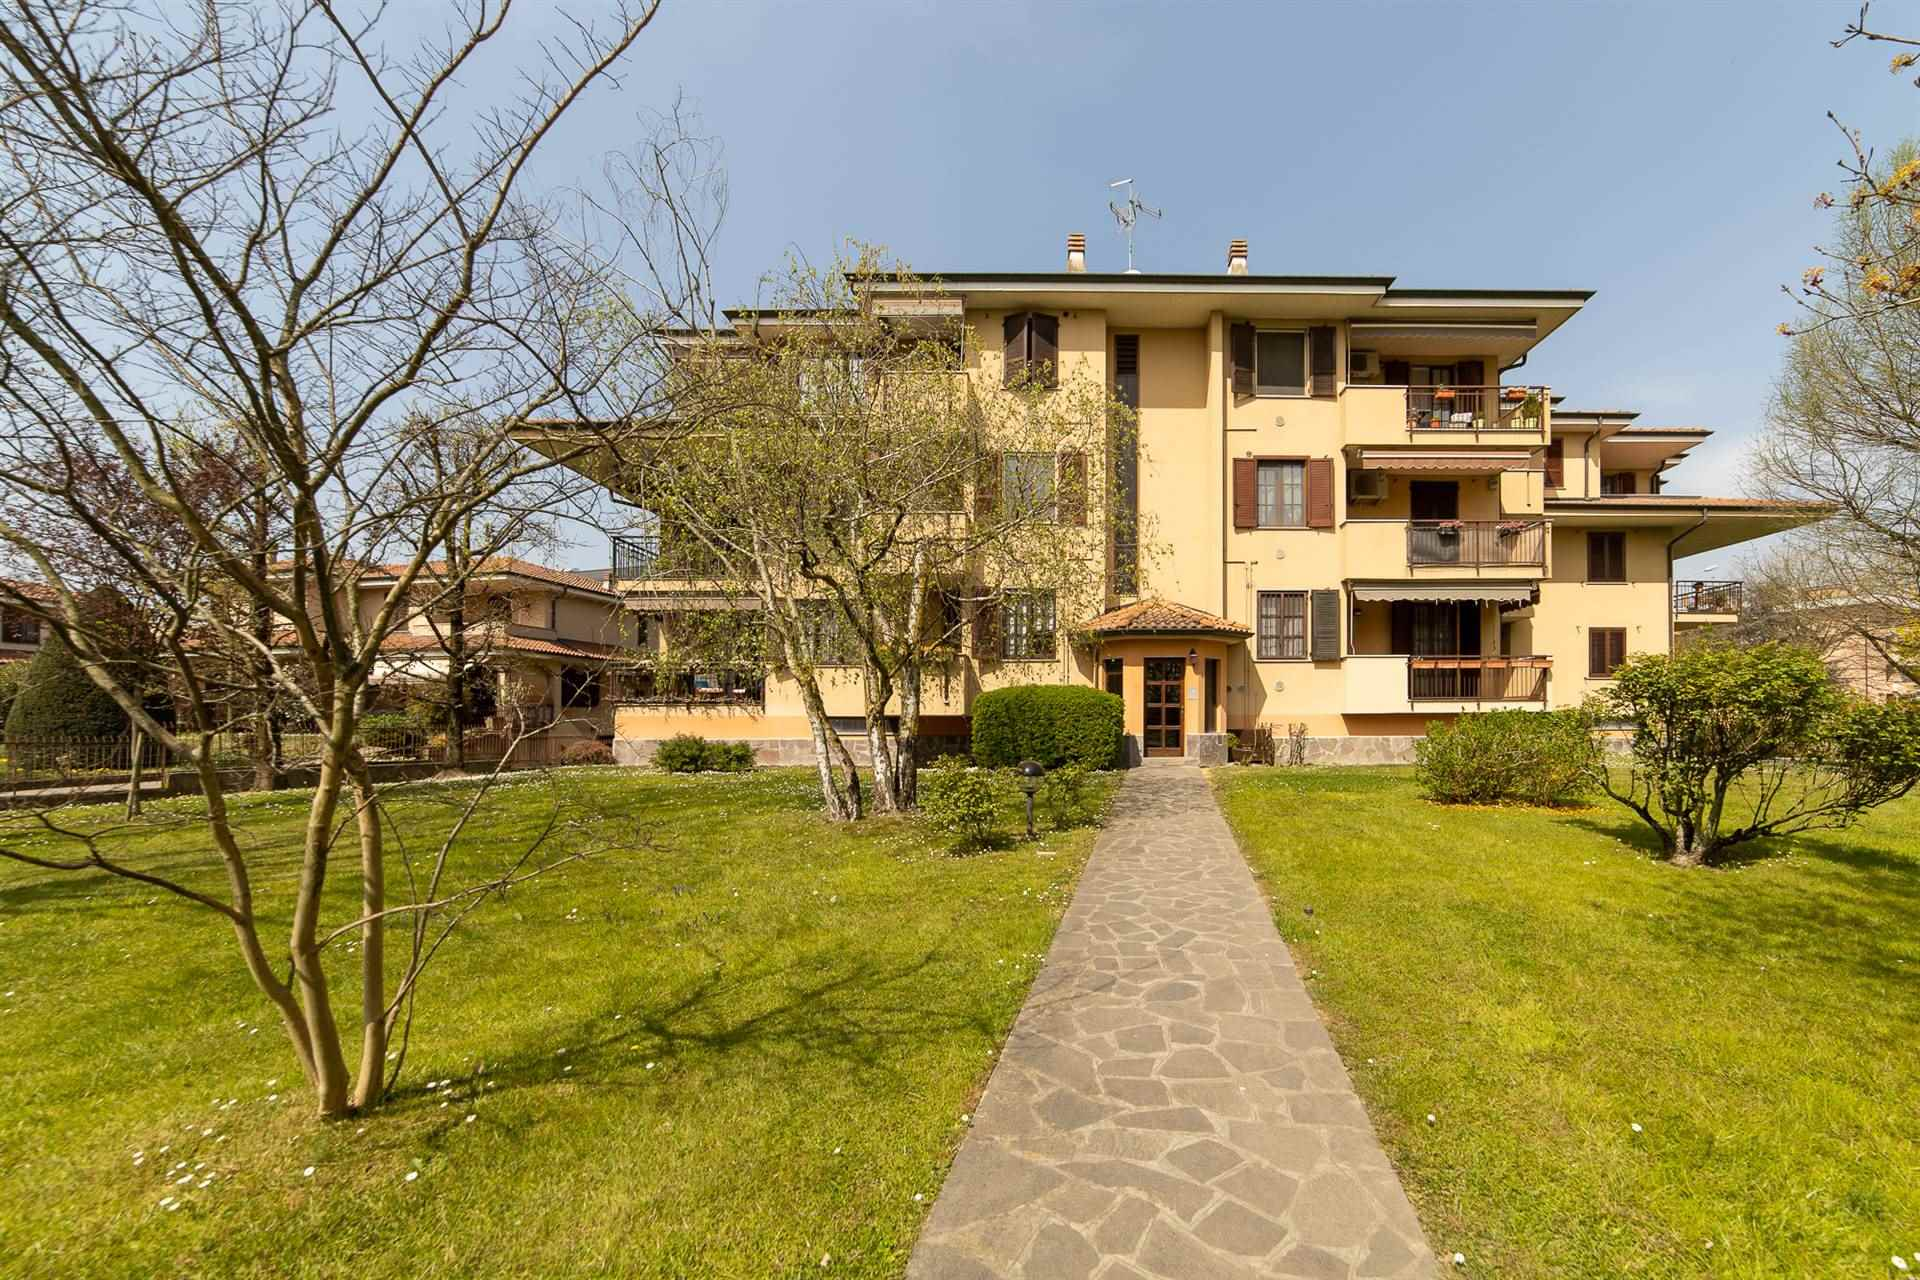 Appartamento in vendita a Liscate, 4 locali, zona Località: LISCATE, prezzo € 249.000 | PortaleAgenzieImmobiliari.it